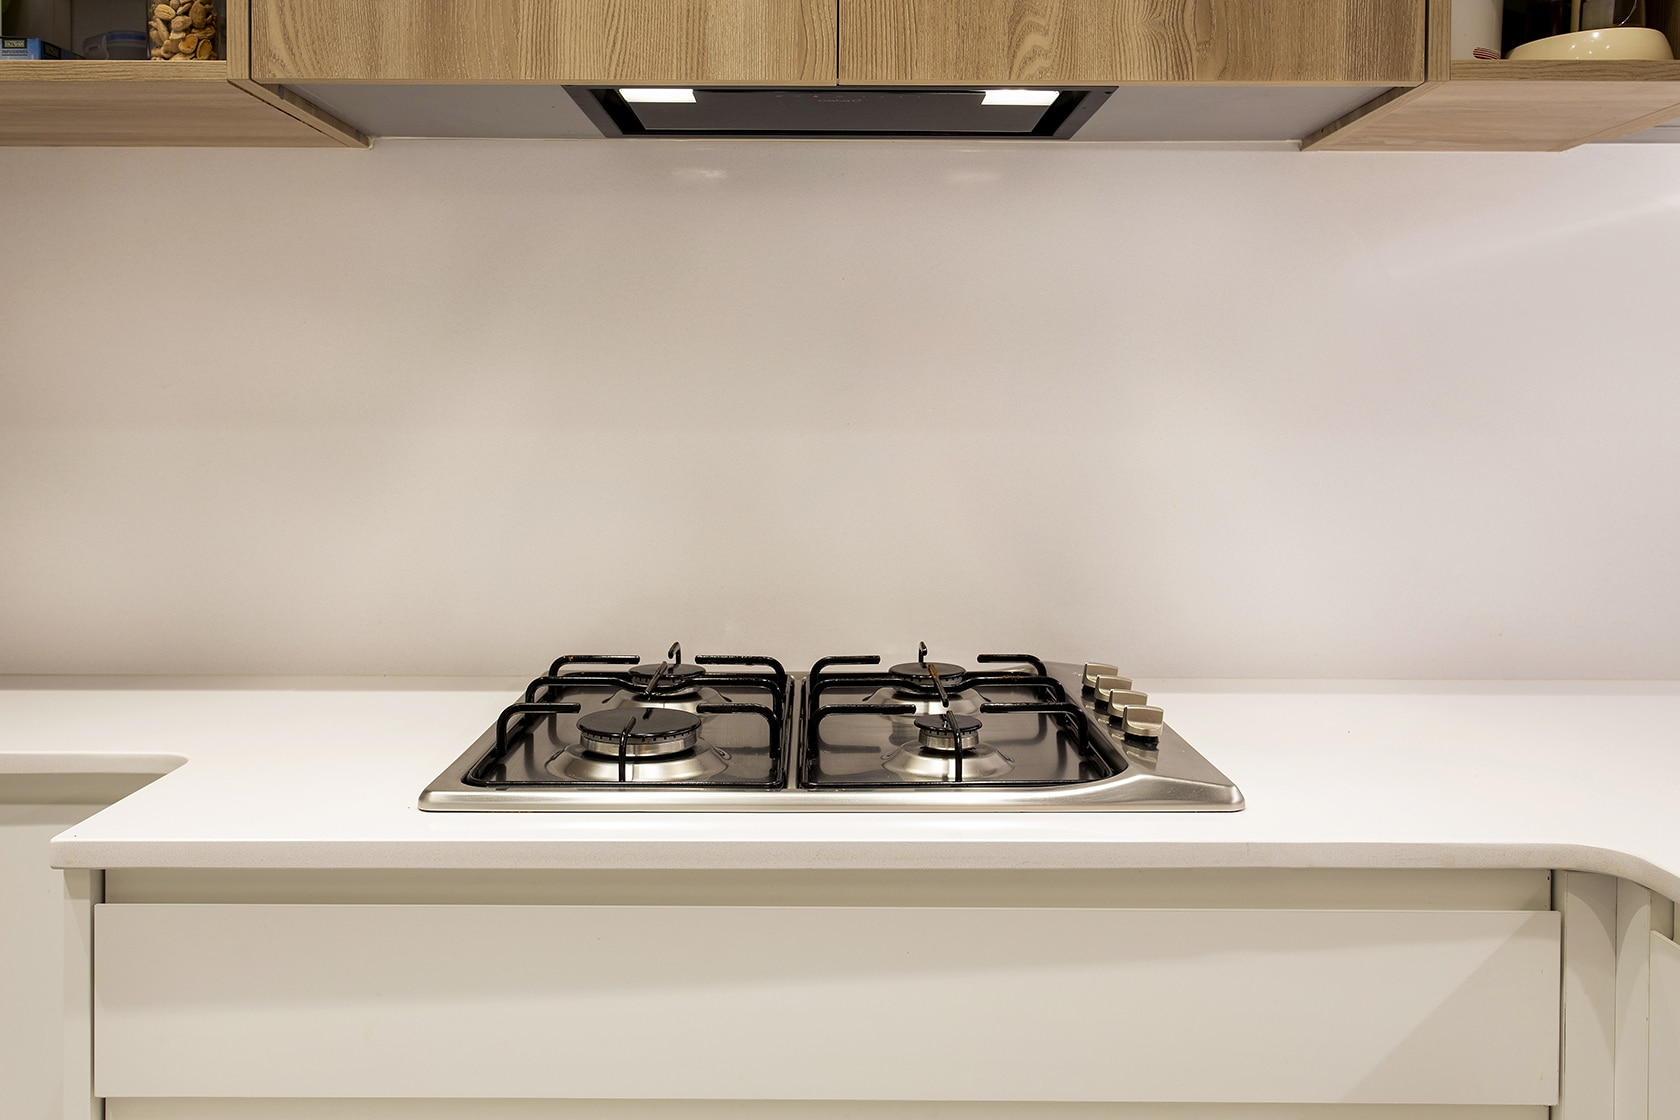 Detalle de la cocina